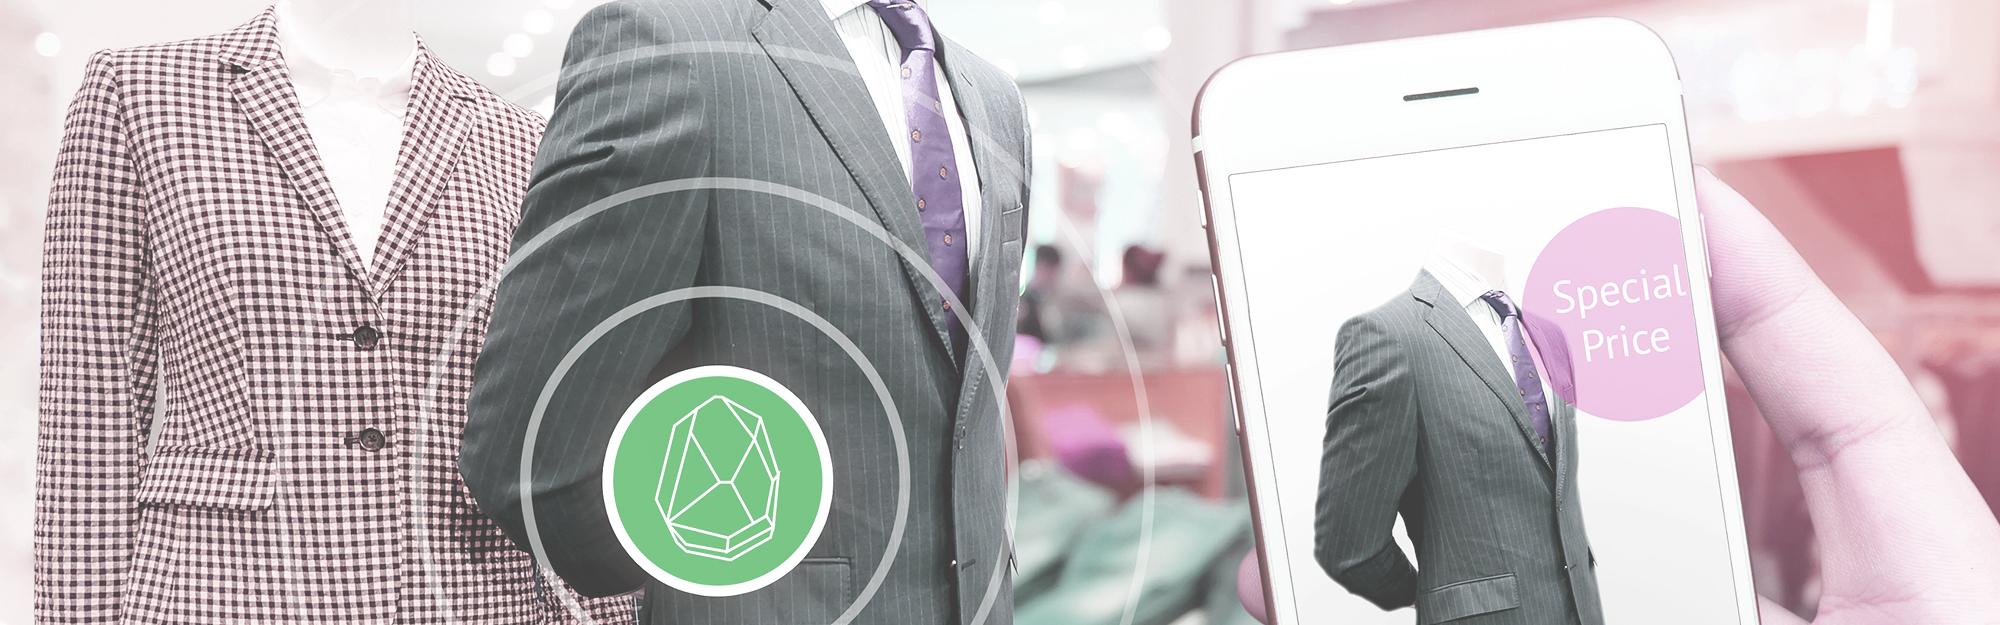 The future of Retail: come IoT e Smart Retail costruiscono la Shopping Experience del futuro